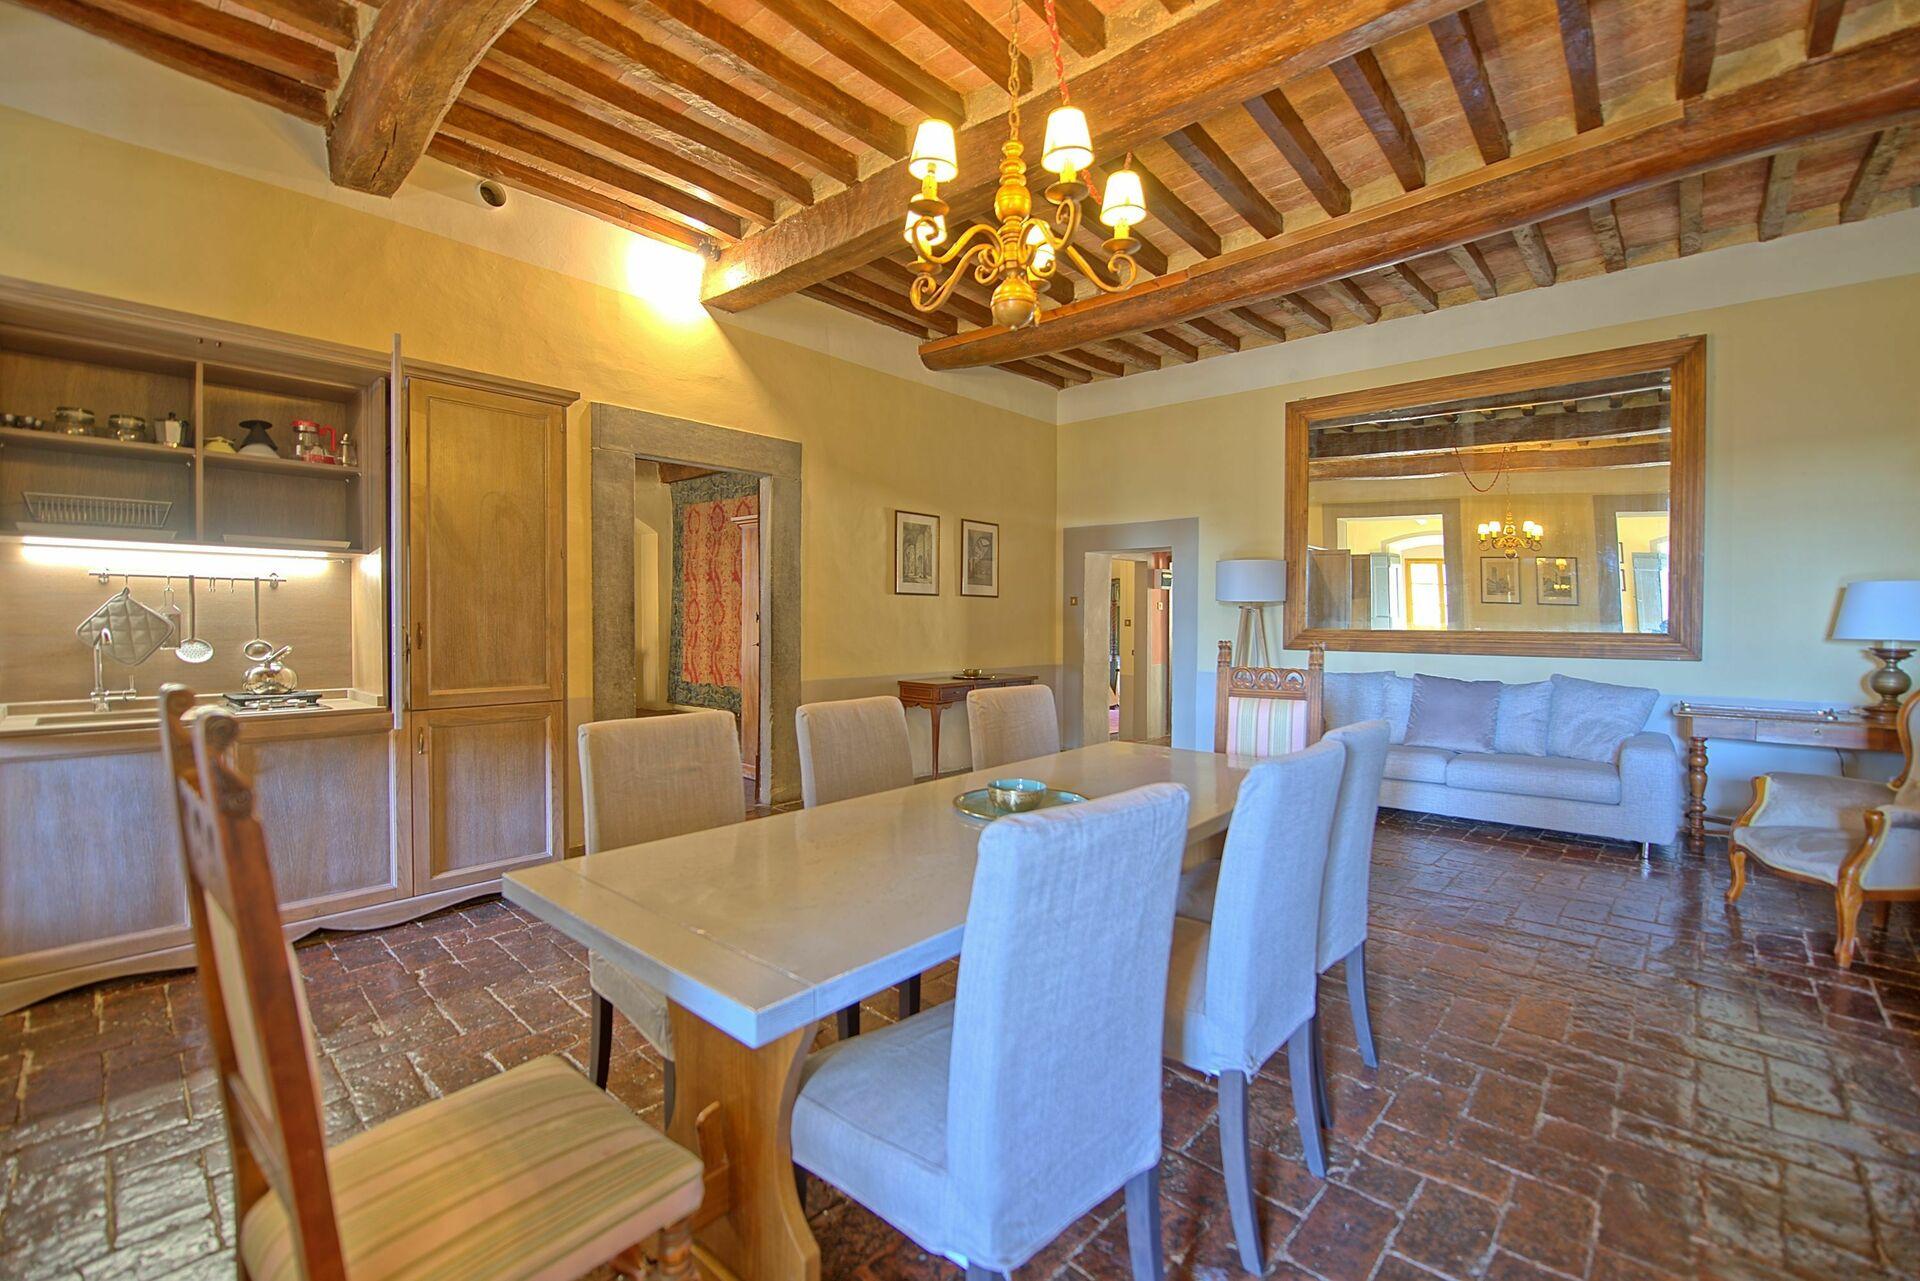 Letto A Castello Toscana.Montegufoni 24 Esclusivo Alloggio In Affitto Nel Castello Di